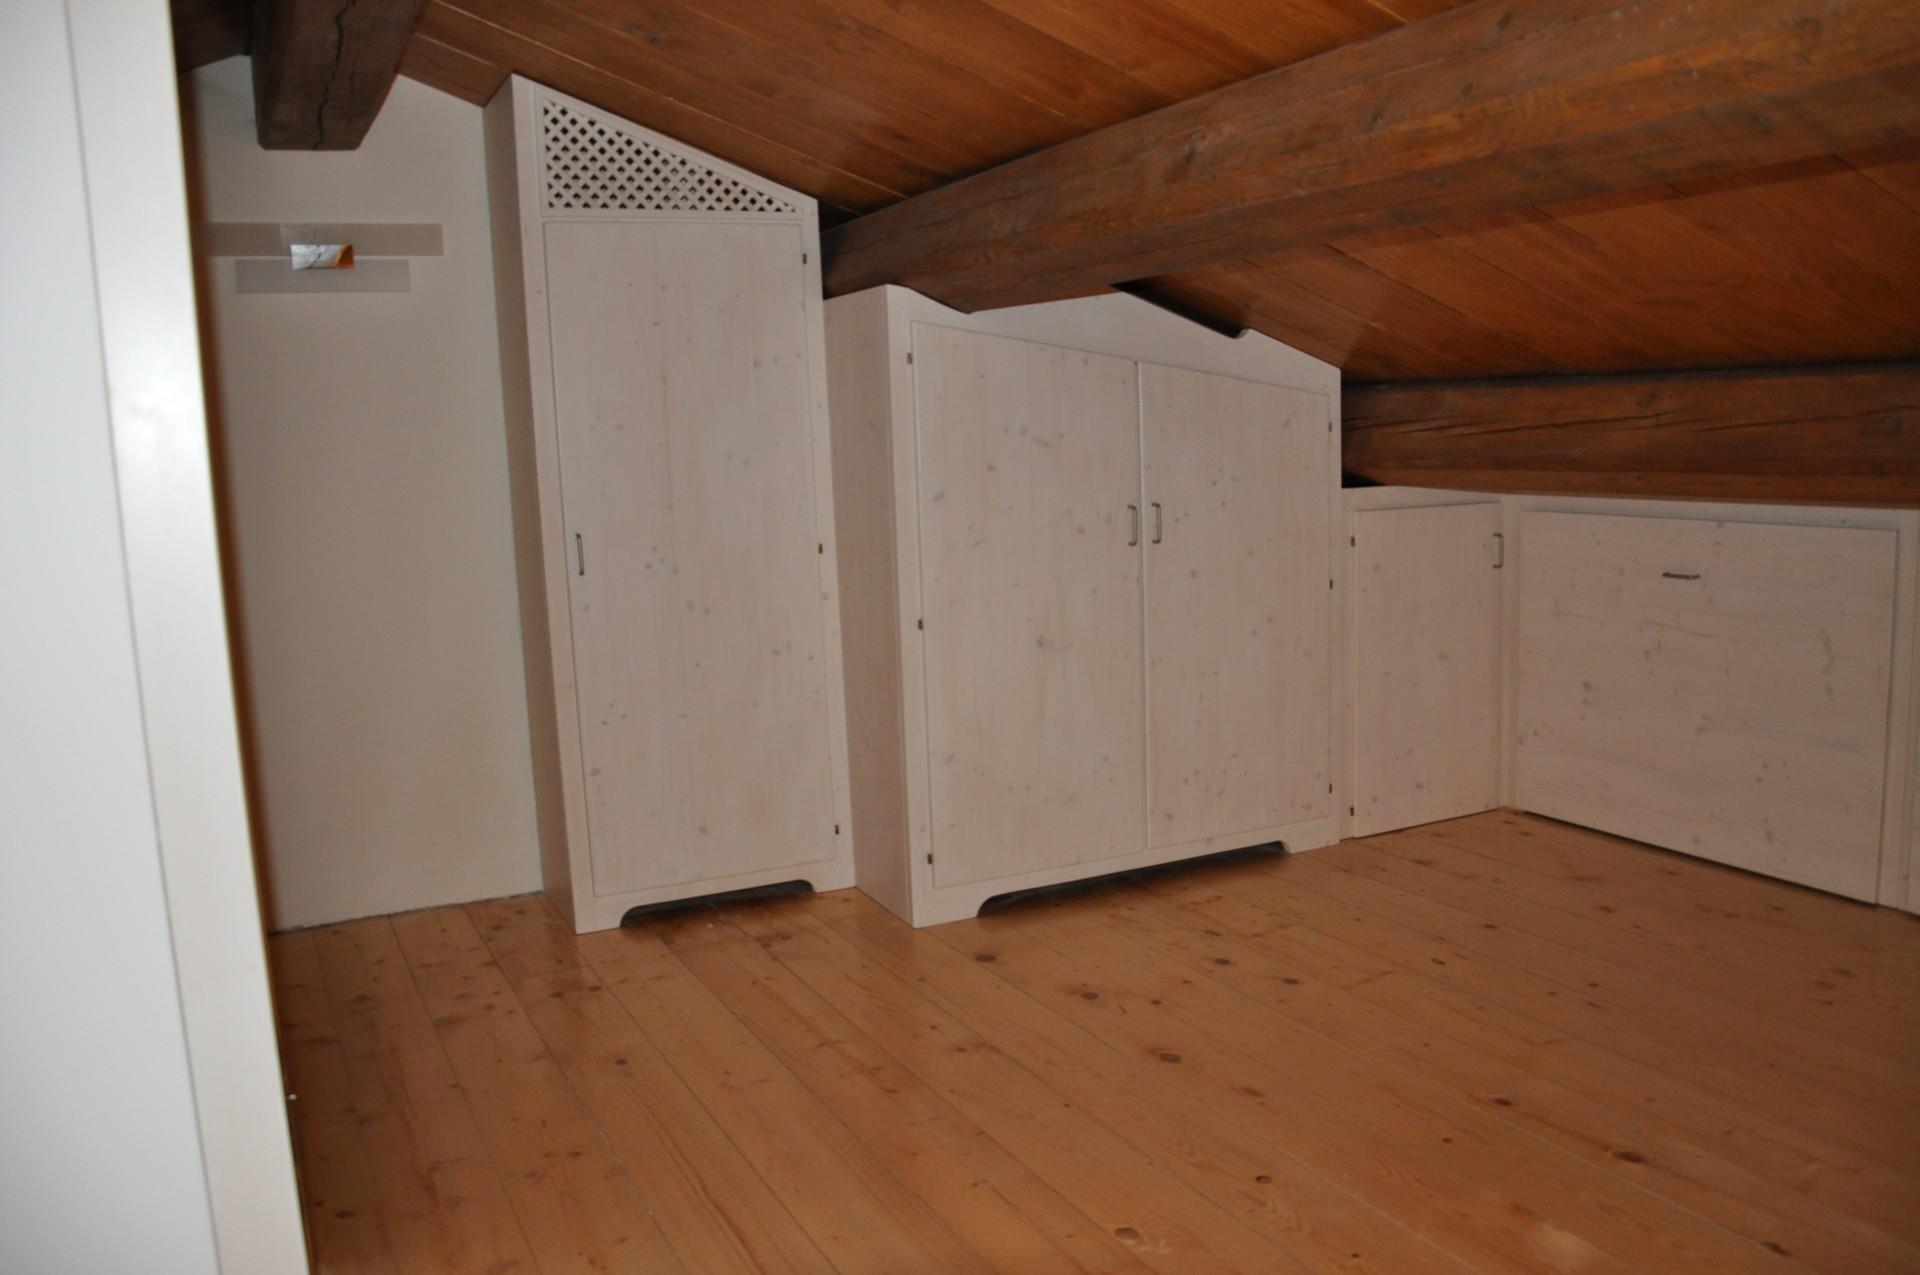 Progettazione arredamenti su misura fadini mobili cerea for Mobili per arredamento